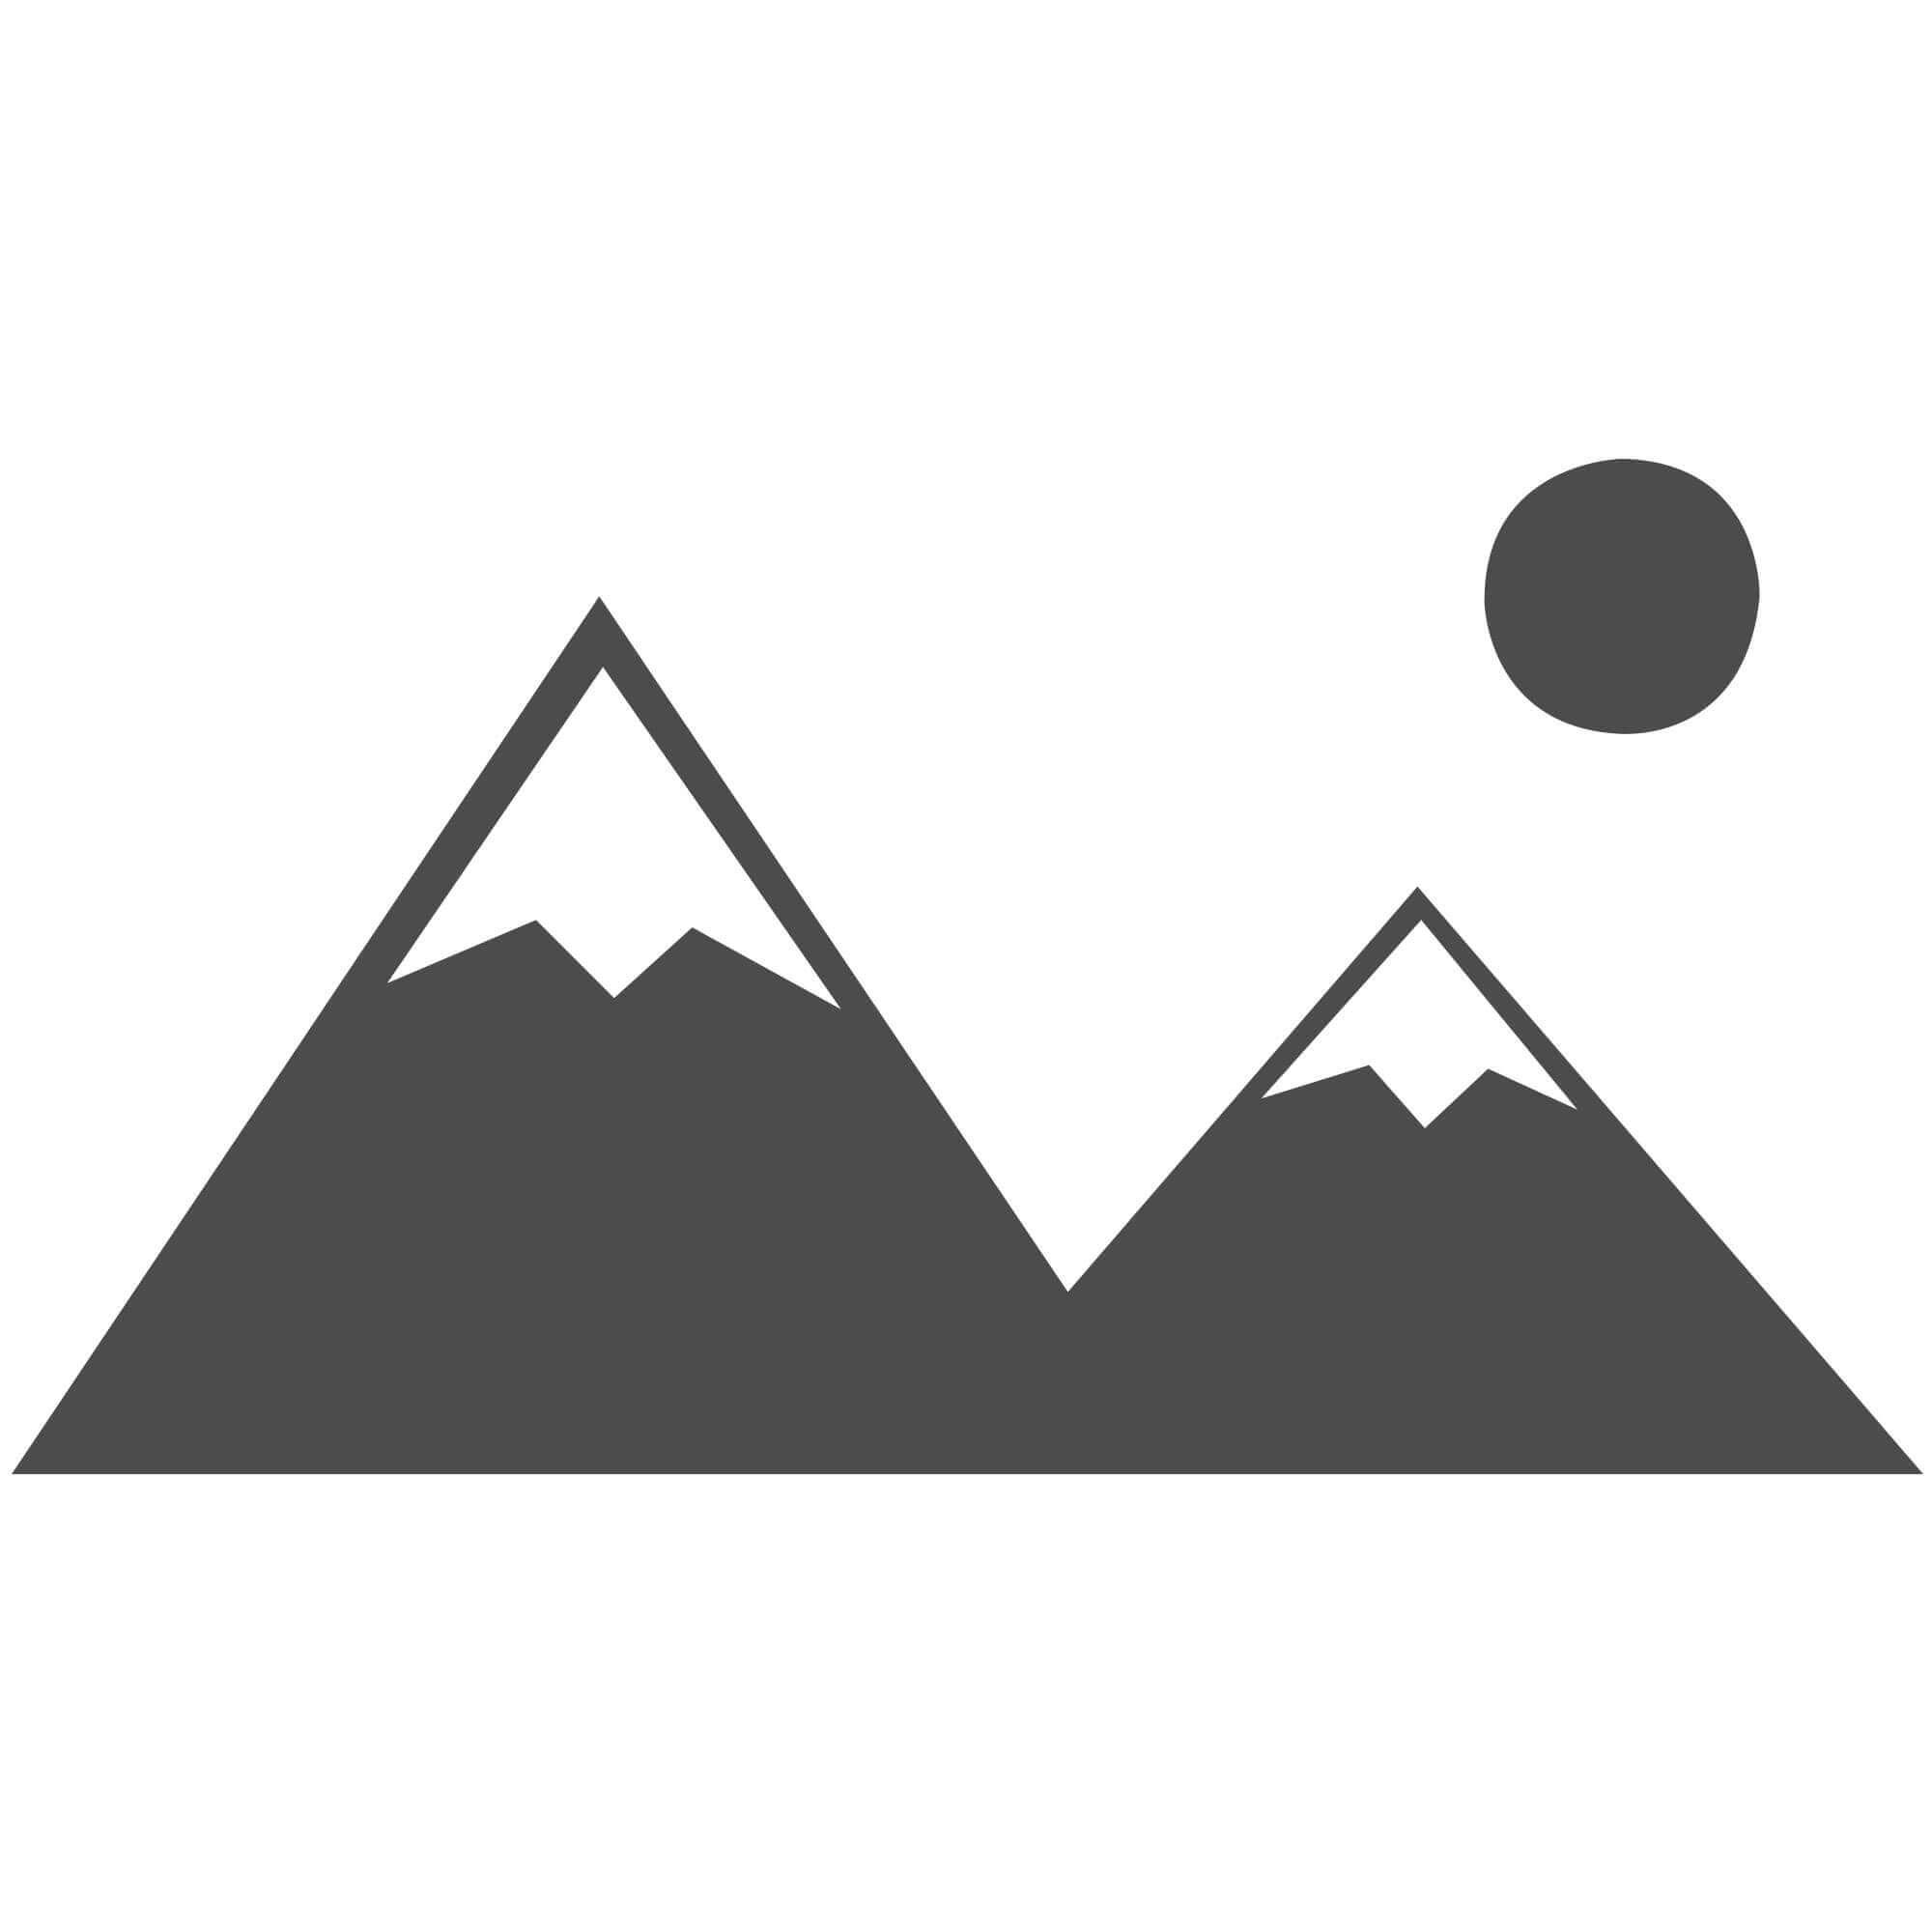 """Galleria Rug - Square 63244 2626 - Size 133 x 195 cm (4'4"""" x 6'5"""")"""